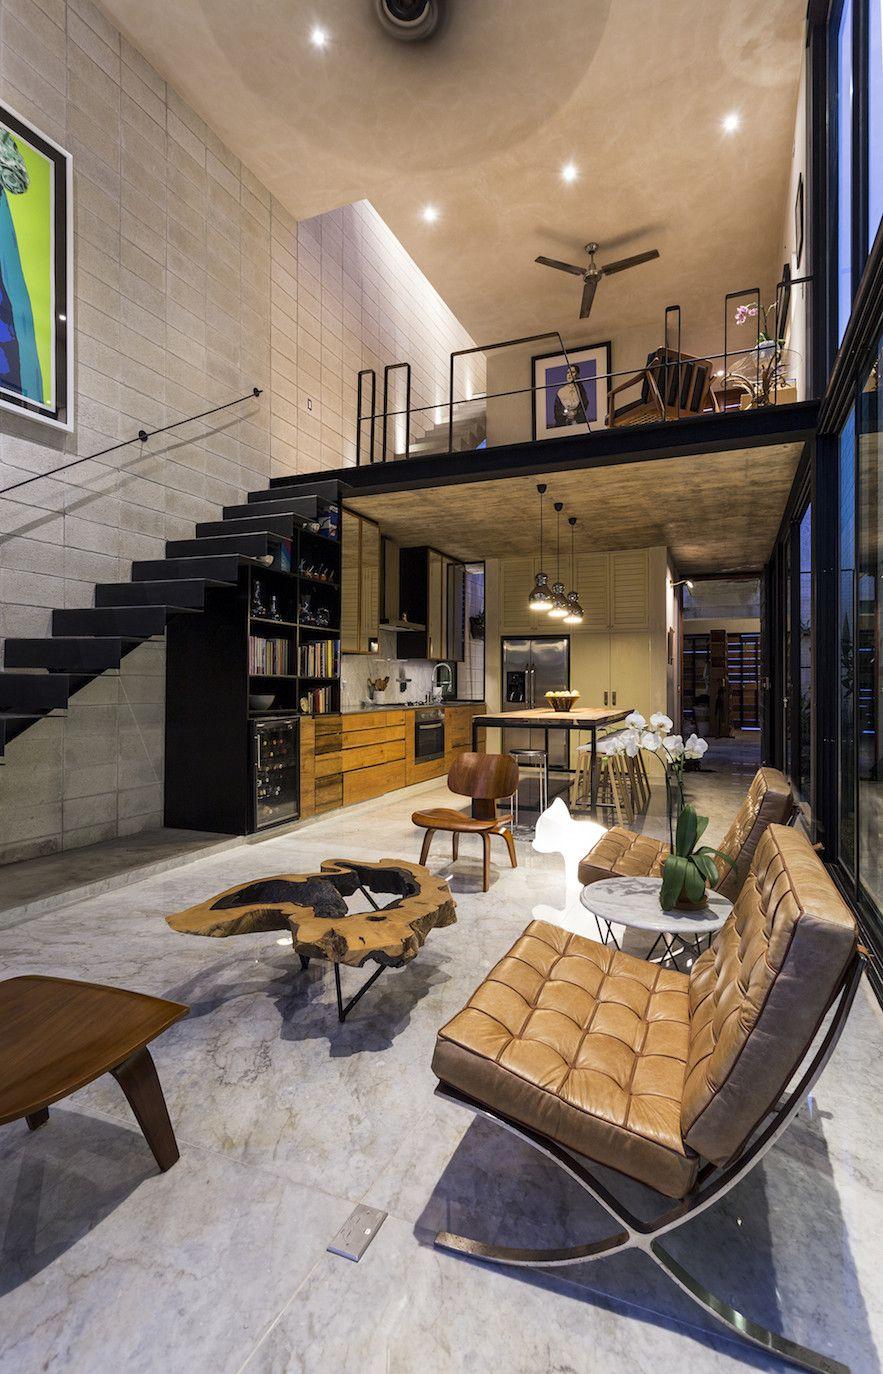 Gestalten Raw Home By Taller Estilo Muebles Pieza  # Muebles Cervera